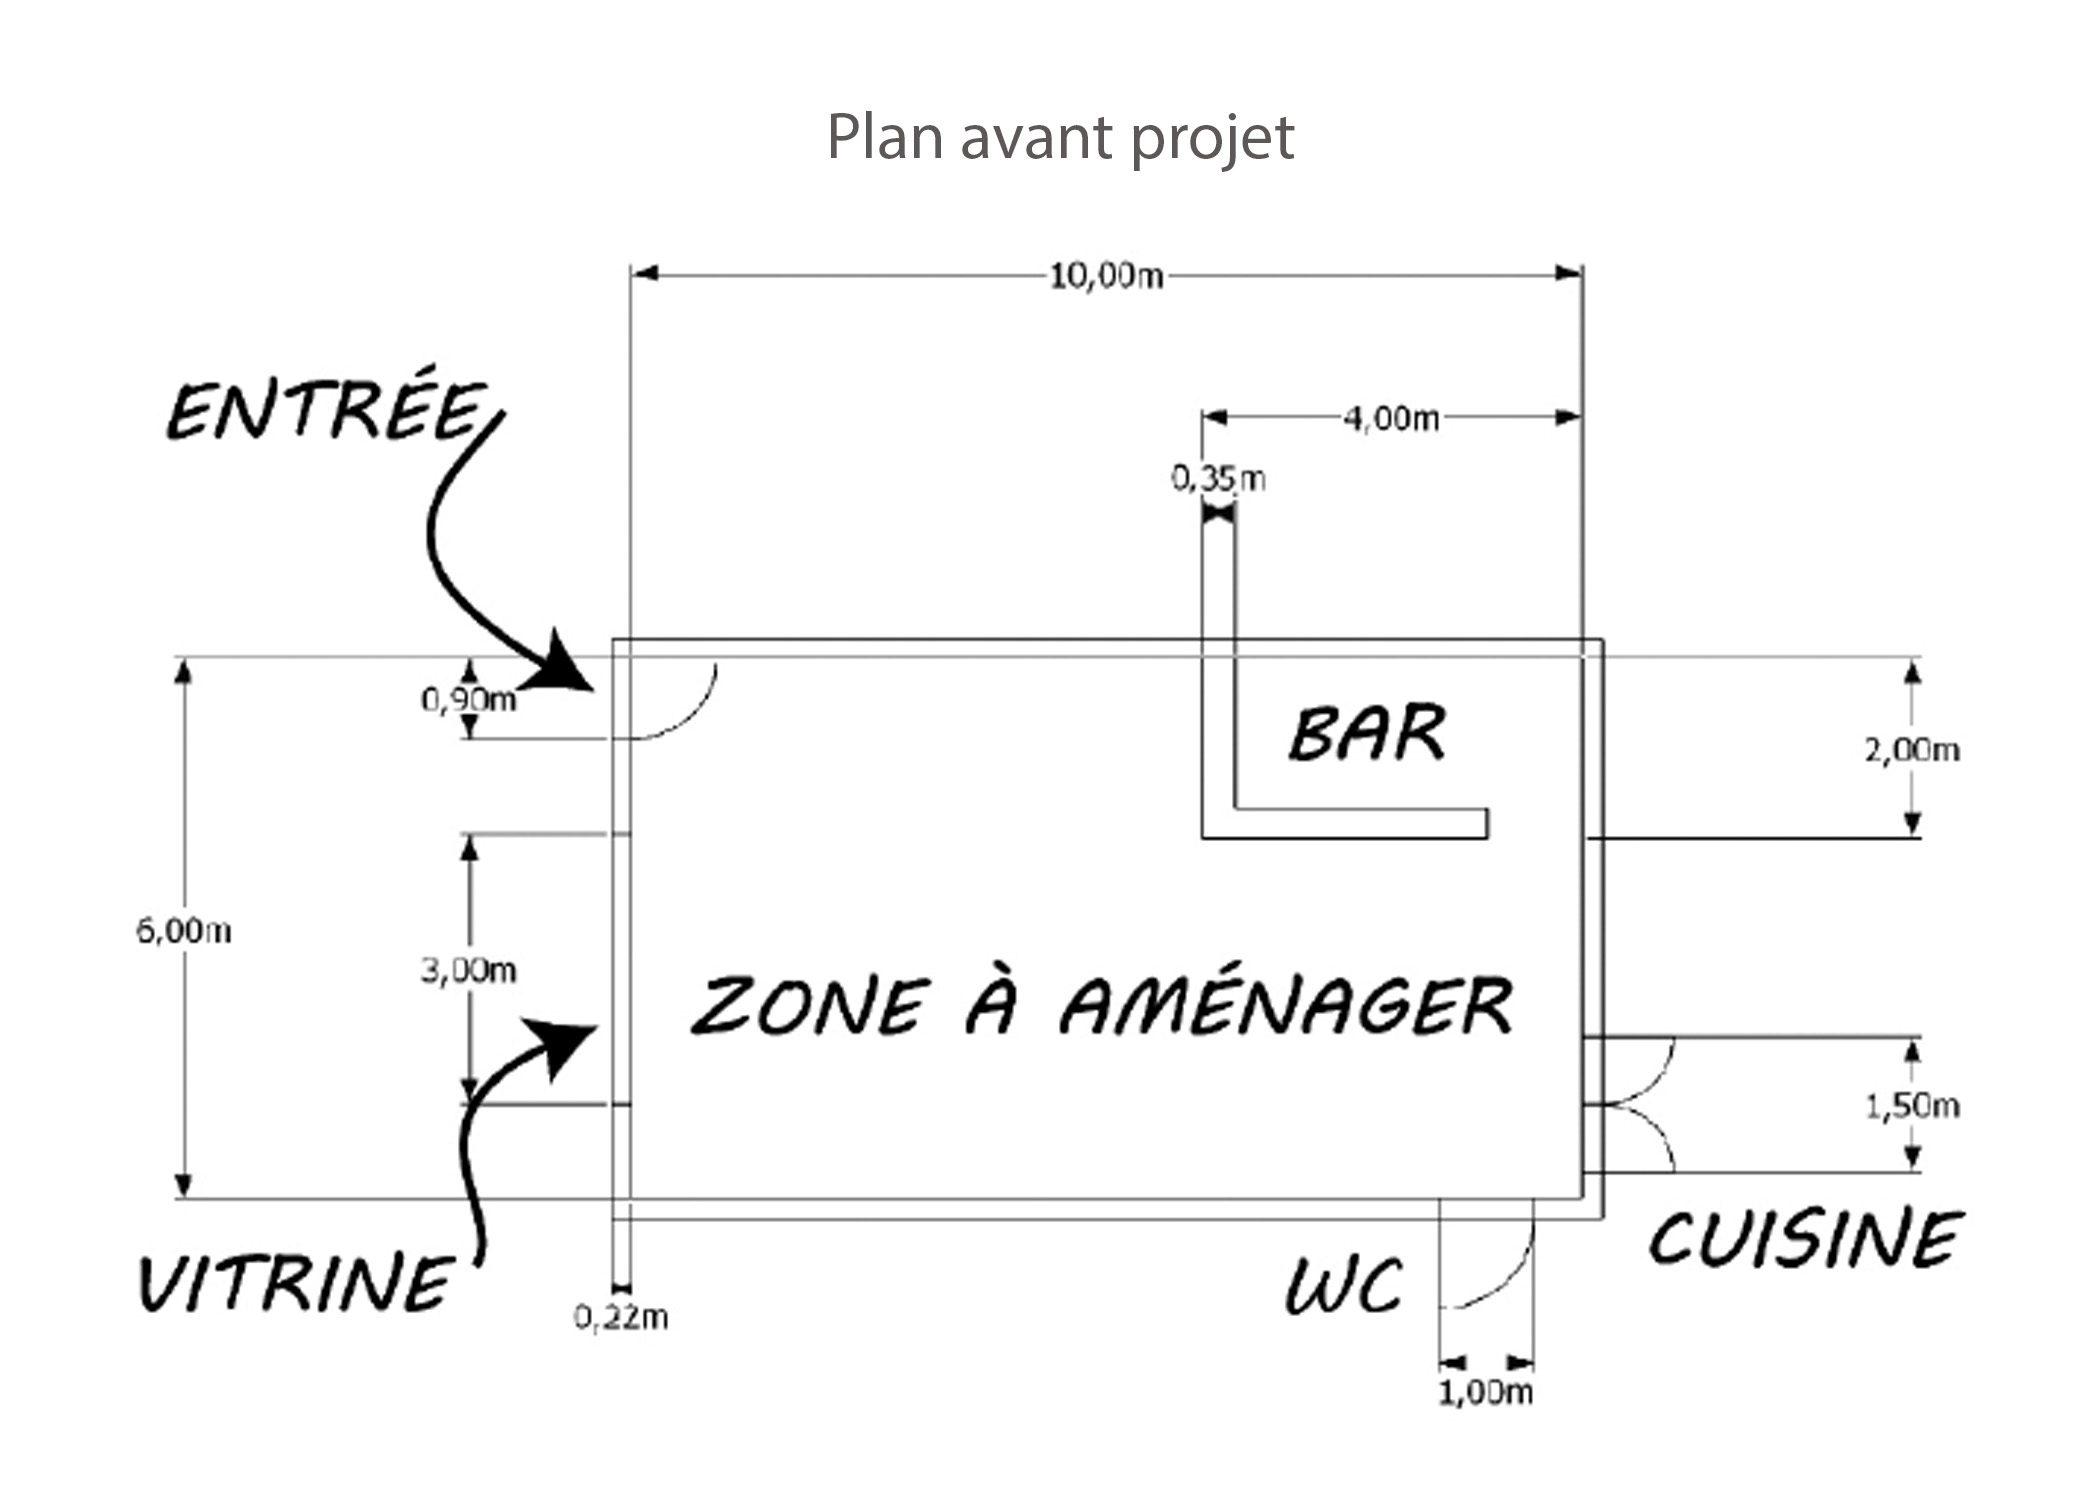 amenagement-decoration-restaurant-lyon-plan avant projet-dekho design